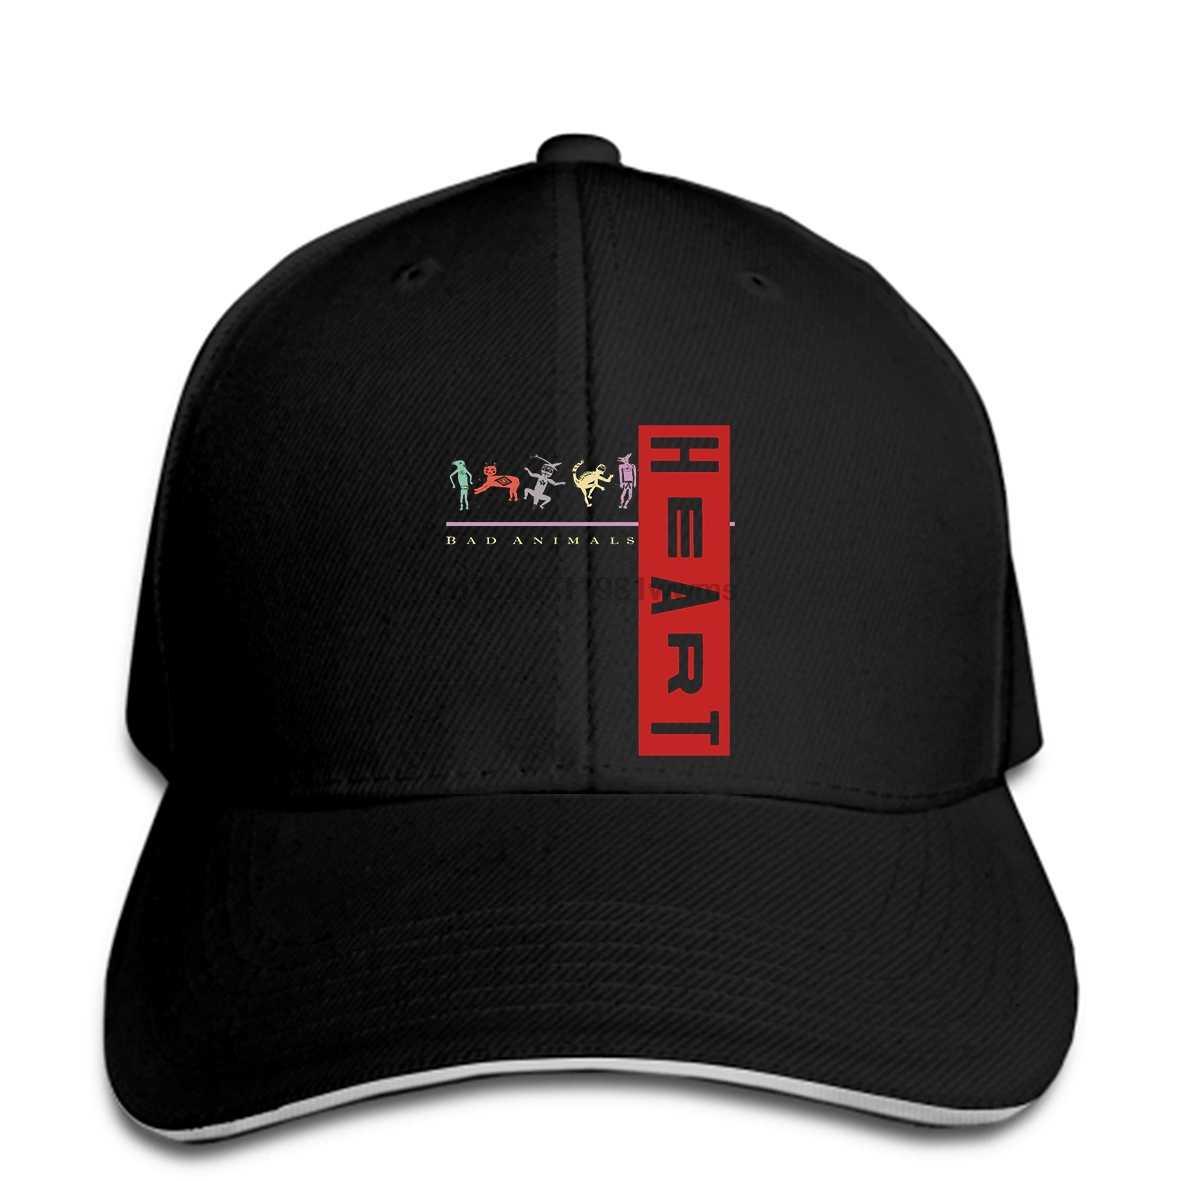 Styx Rock Emo 80s ретро бейсболка с надписью бейсбольная кепка с принтом Топ Мода Новое поступление Простой snapback солнцезащитный козырек